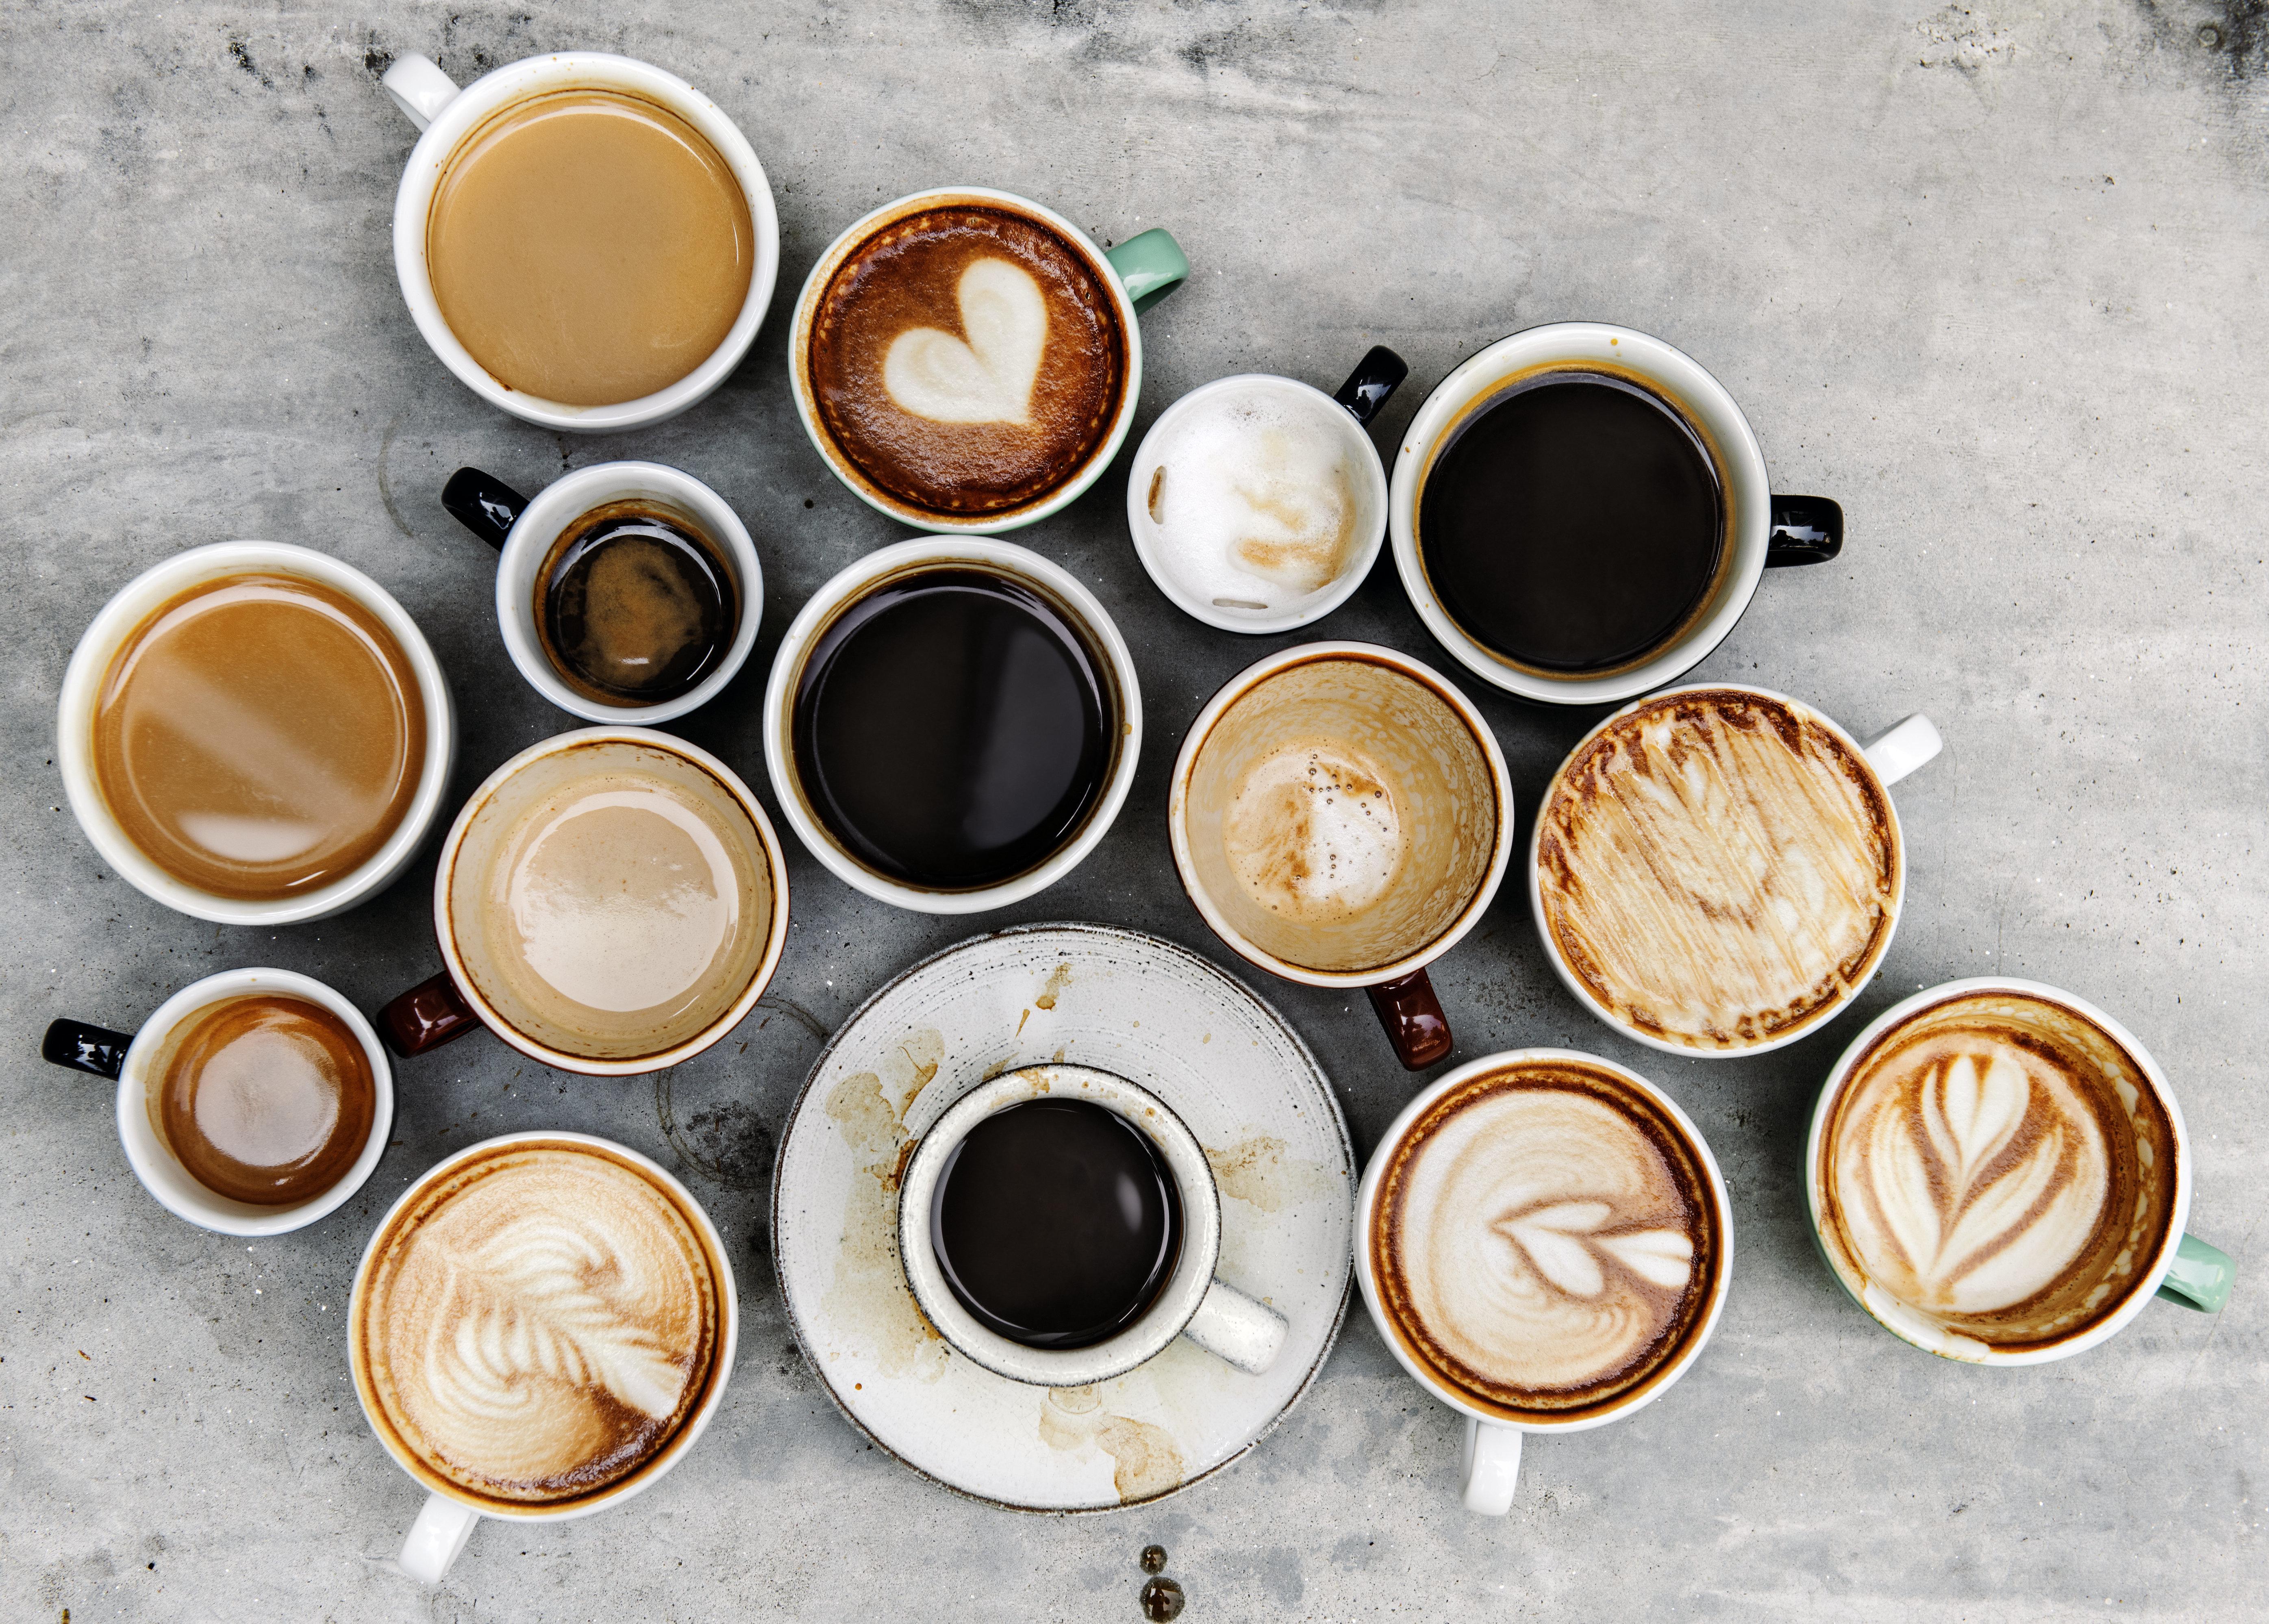 오는 9월부터 모든 학교에서 커피가